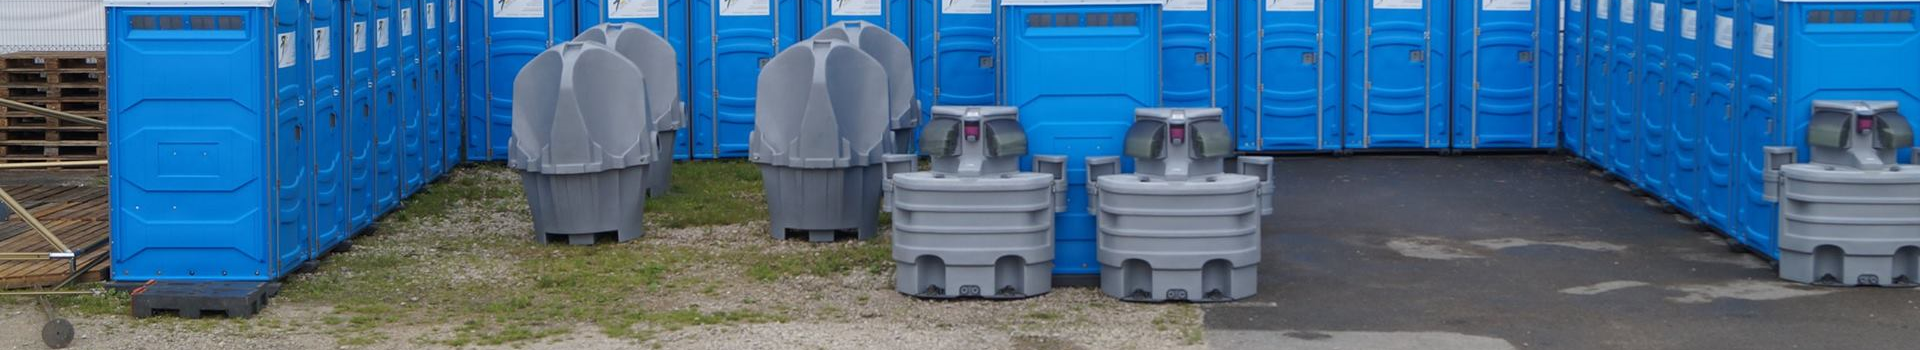 Stenz-Toiletten-Service-Handwaschbecken-verkauf